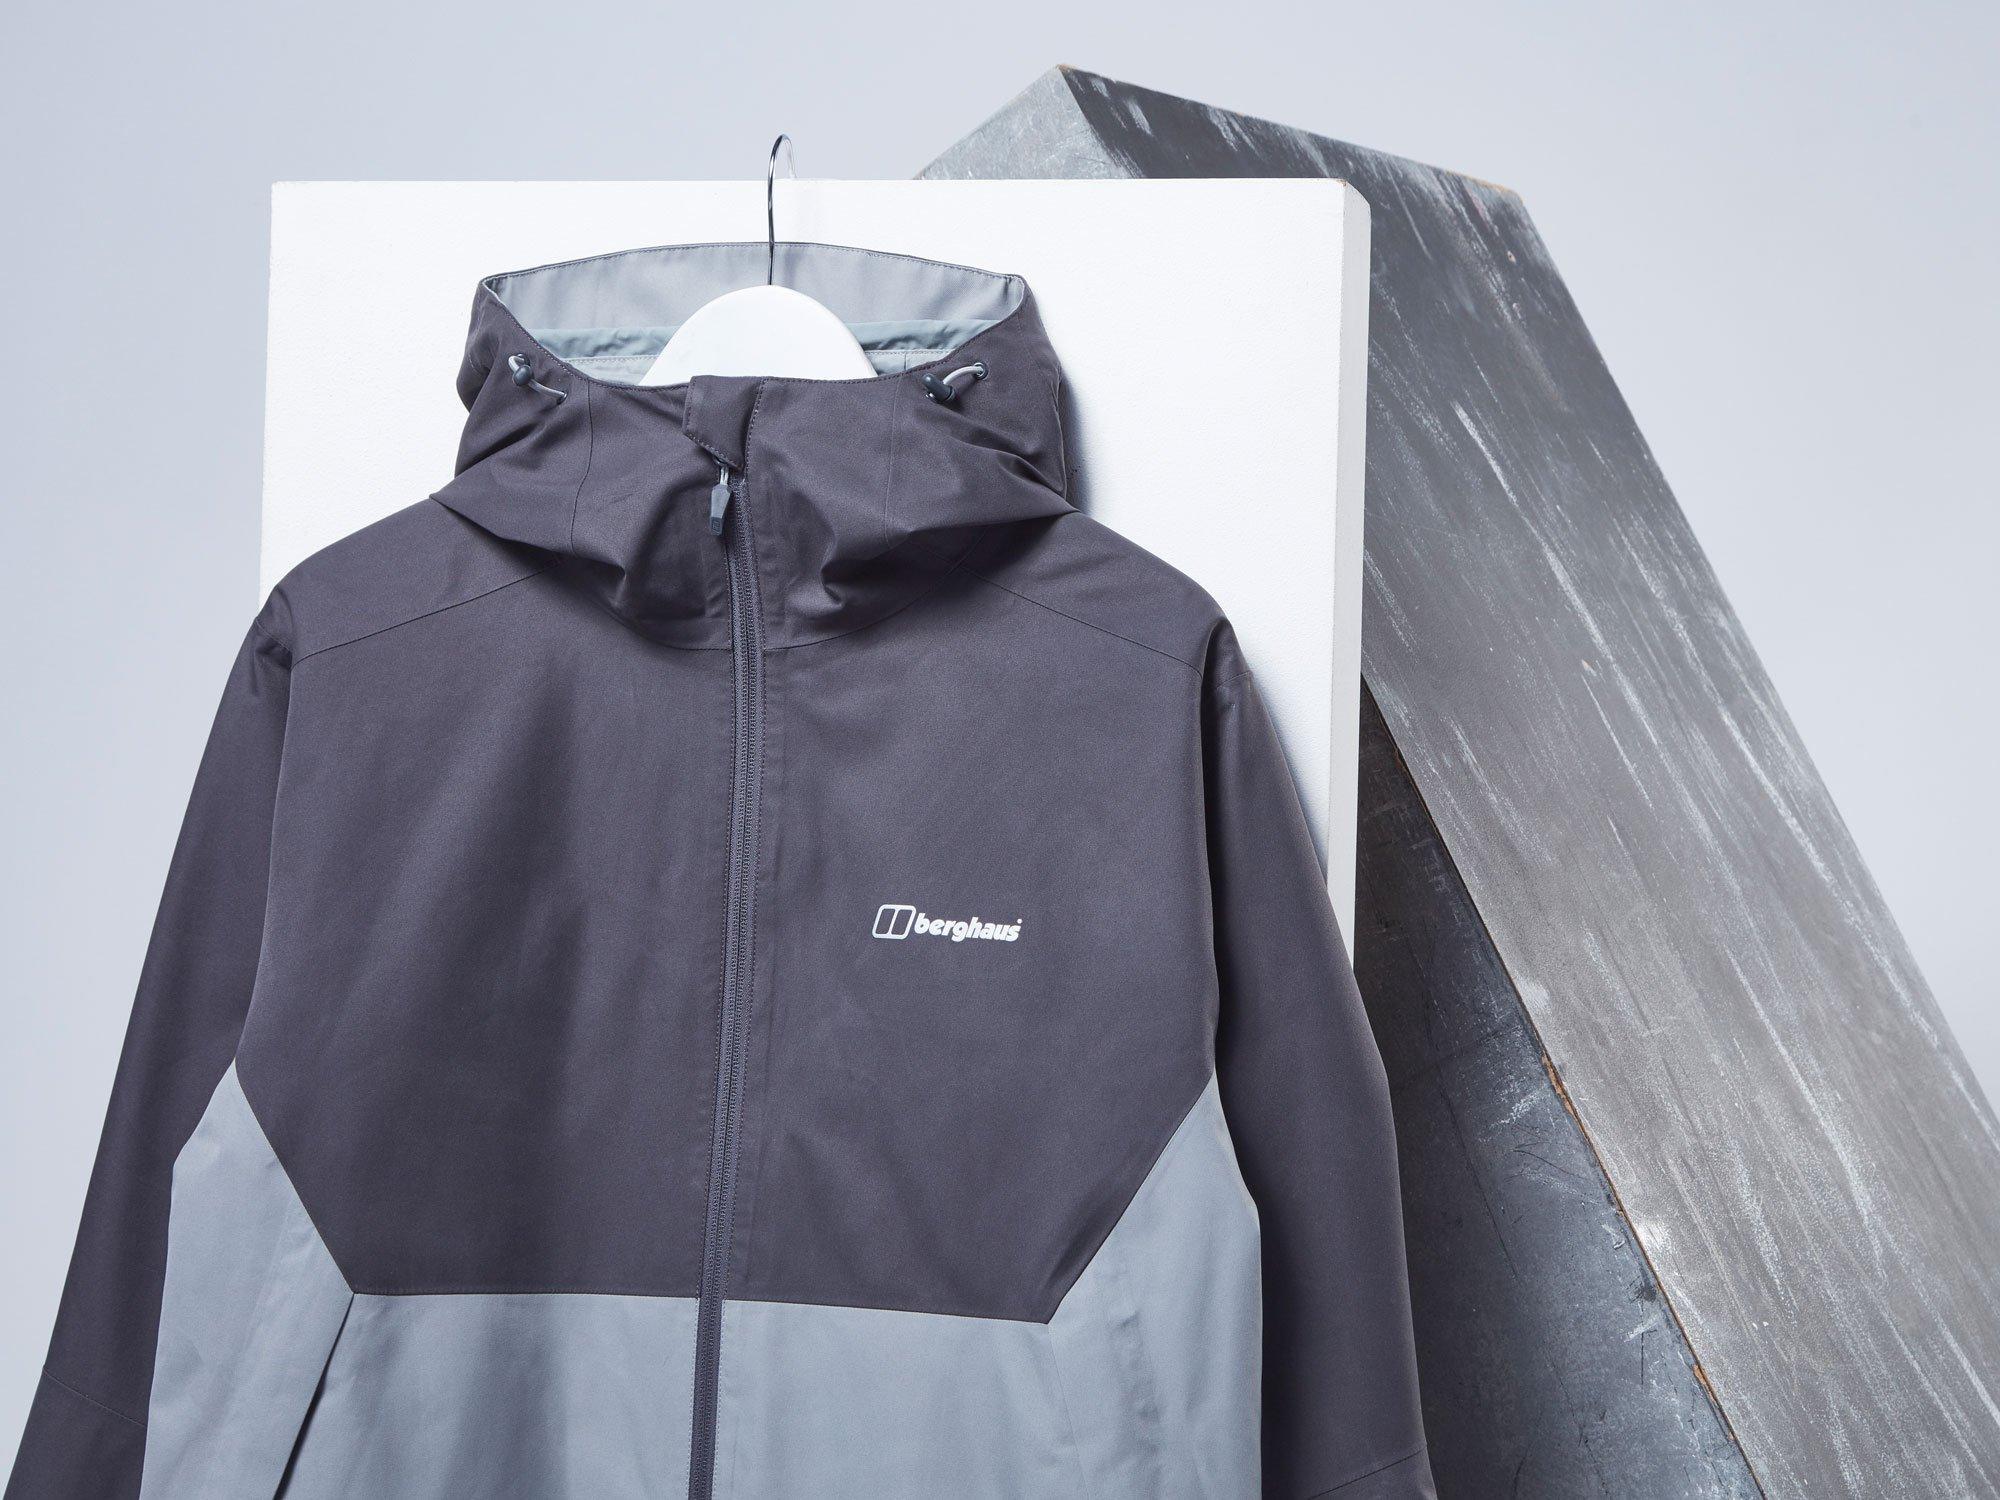 Berghaus Softshell Jacket